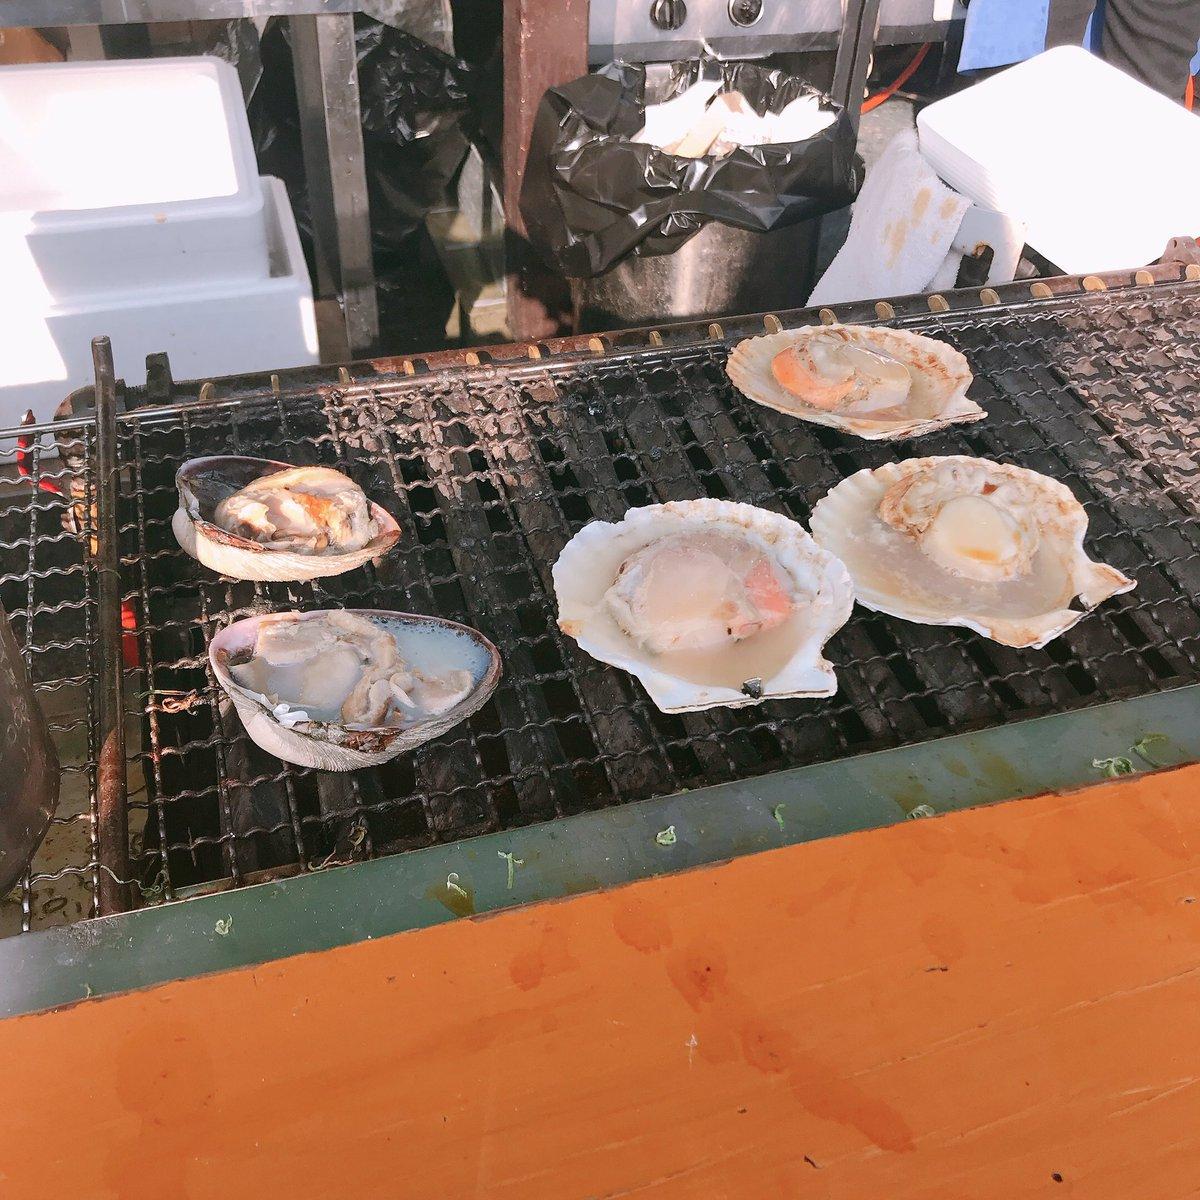 test ツイッターメディア - 昨日は不二家のレストラン→ぽんかふぇ→魚太郎→えびせんべいの里→ココテラス→げんきの郷ってコースのおでかけをしてきたんだけど 最近おでかけあんまりしてないからか田舎の雰囲気がやけにエモくて癒された 本当はあのままどこか温泉予約して1泊したかった 日間賀や篠島の方でまったりしたいなぁ https://t.co/KGzyG0bibD